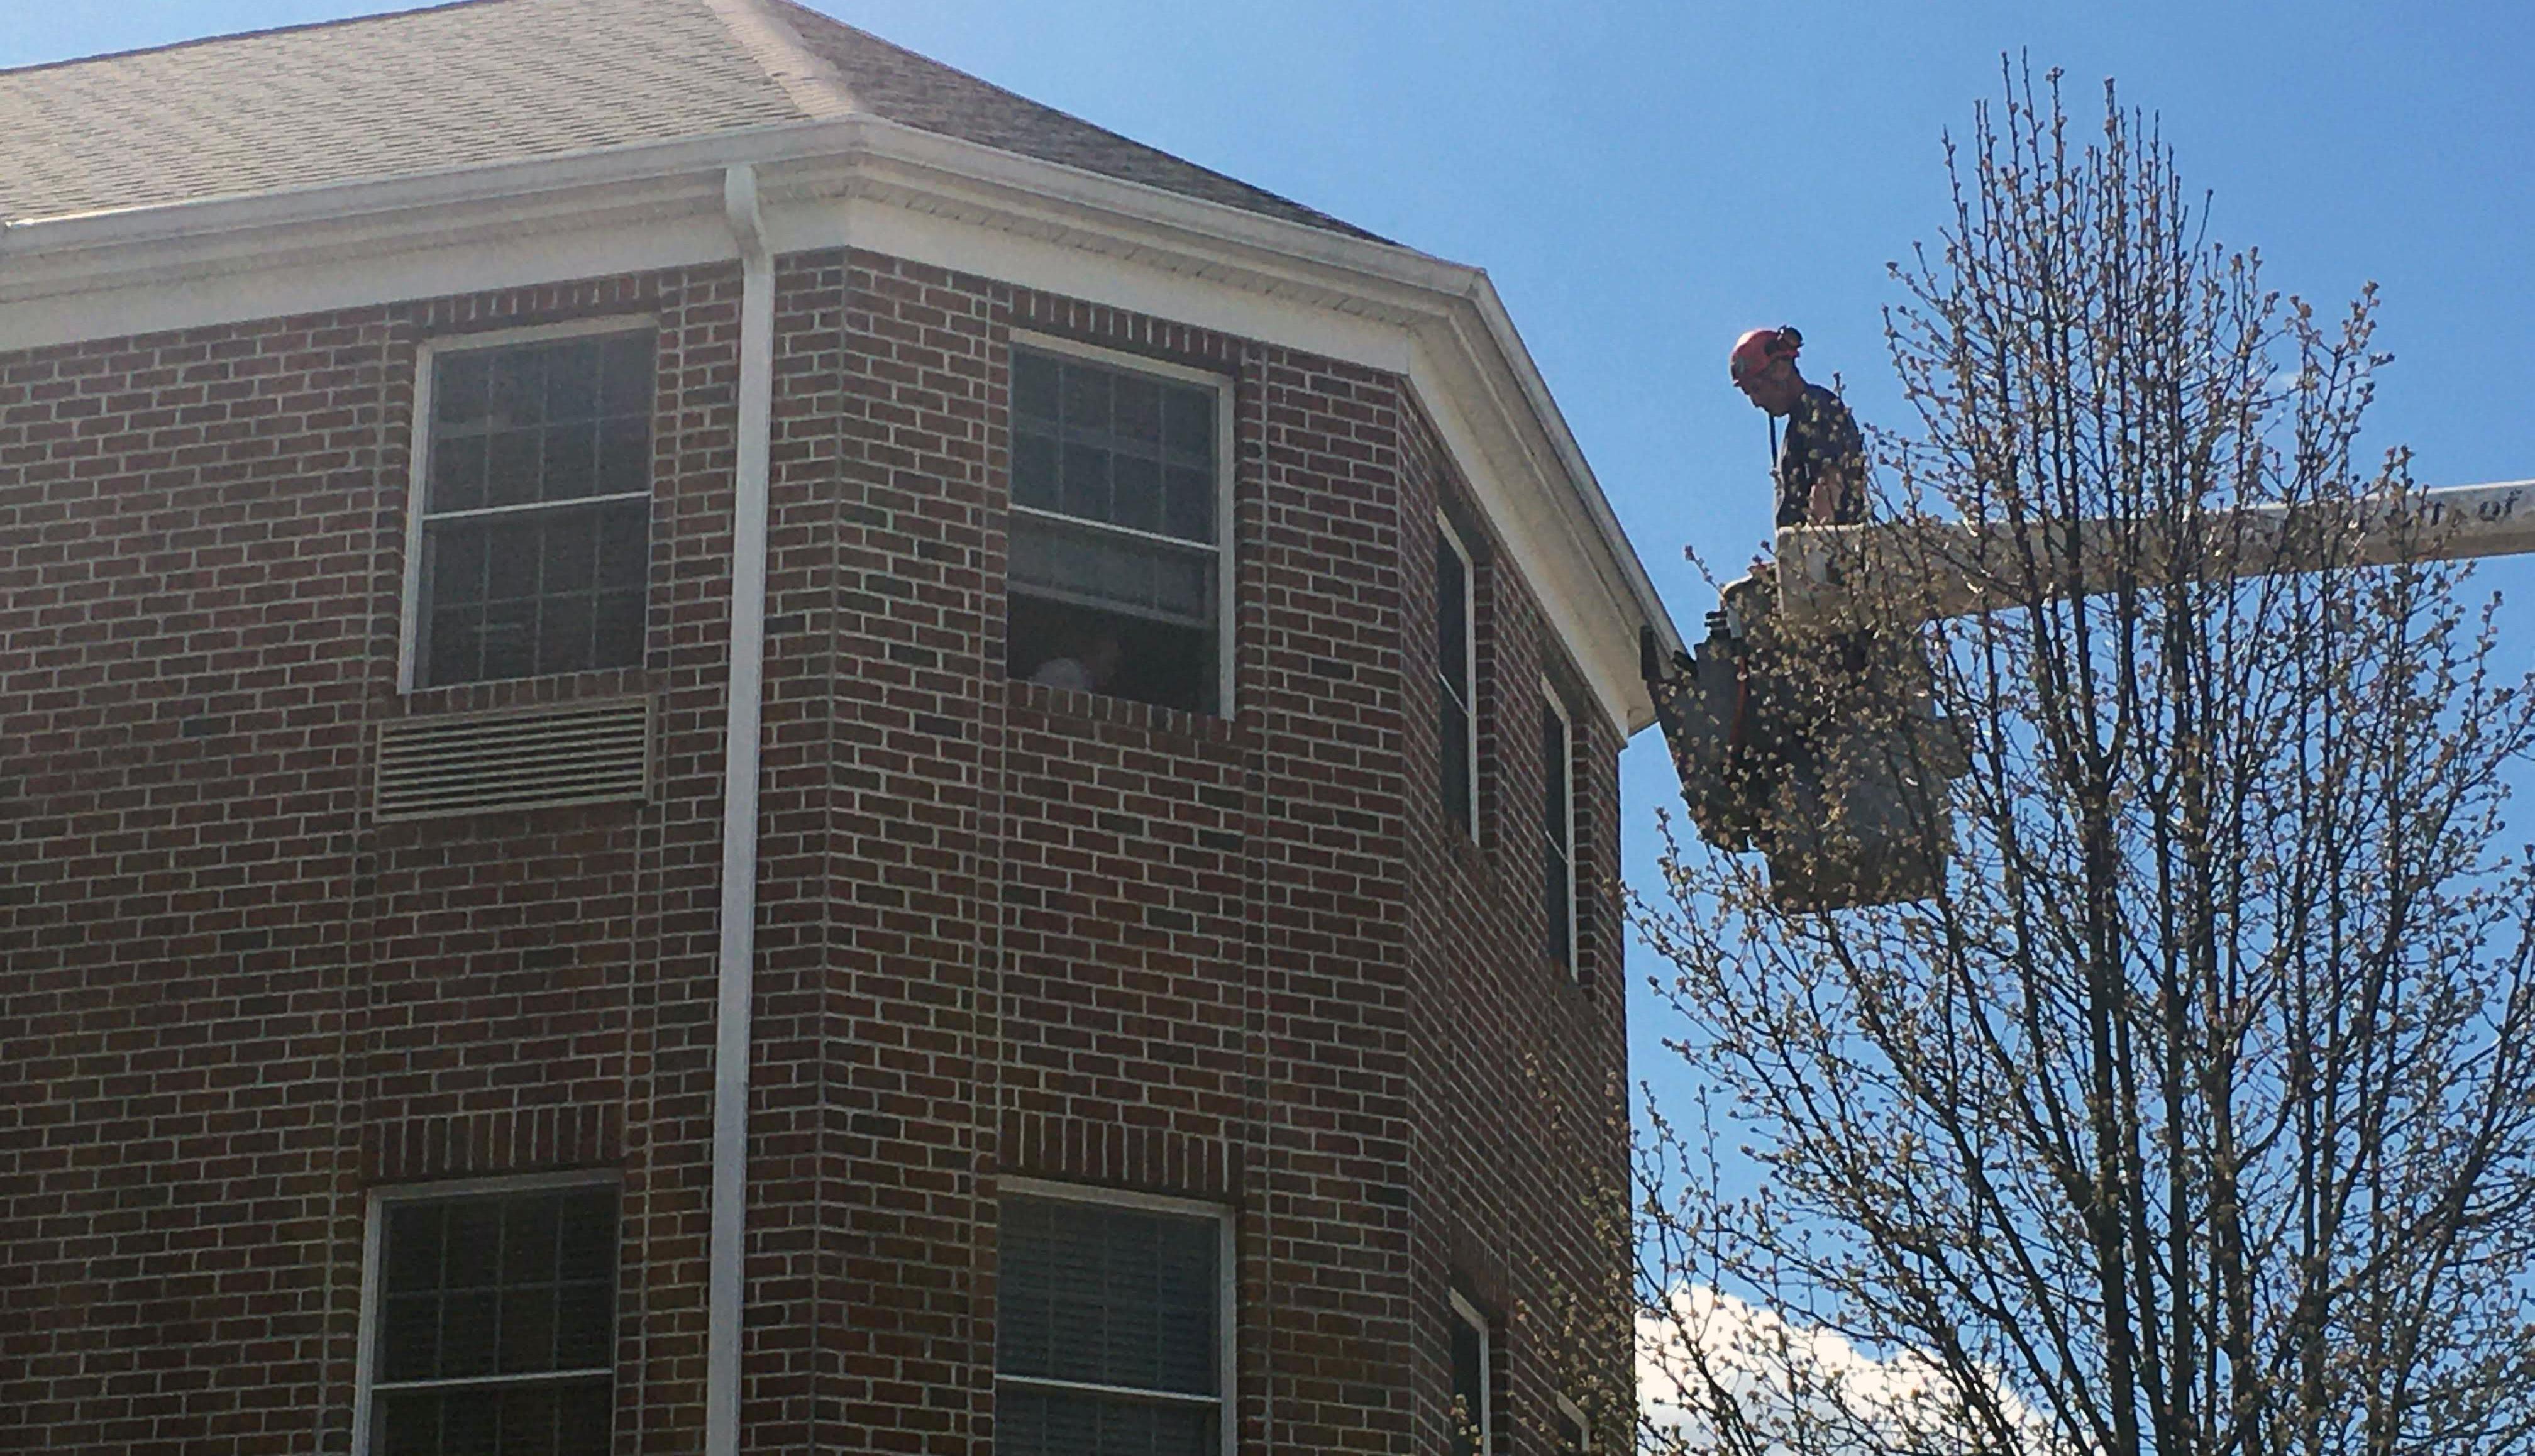 Un hombre subido en una grúa saluda a una persona en un tercer piso